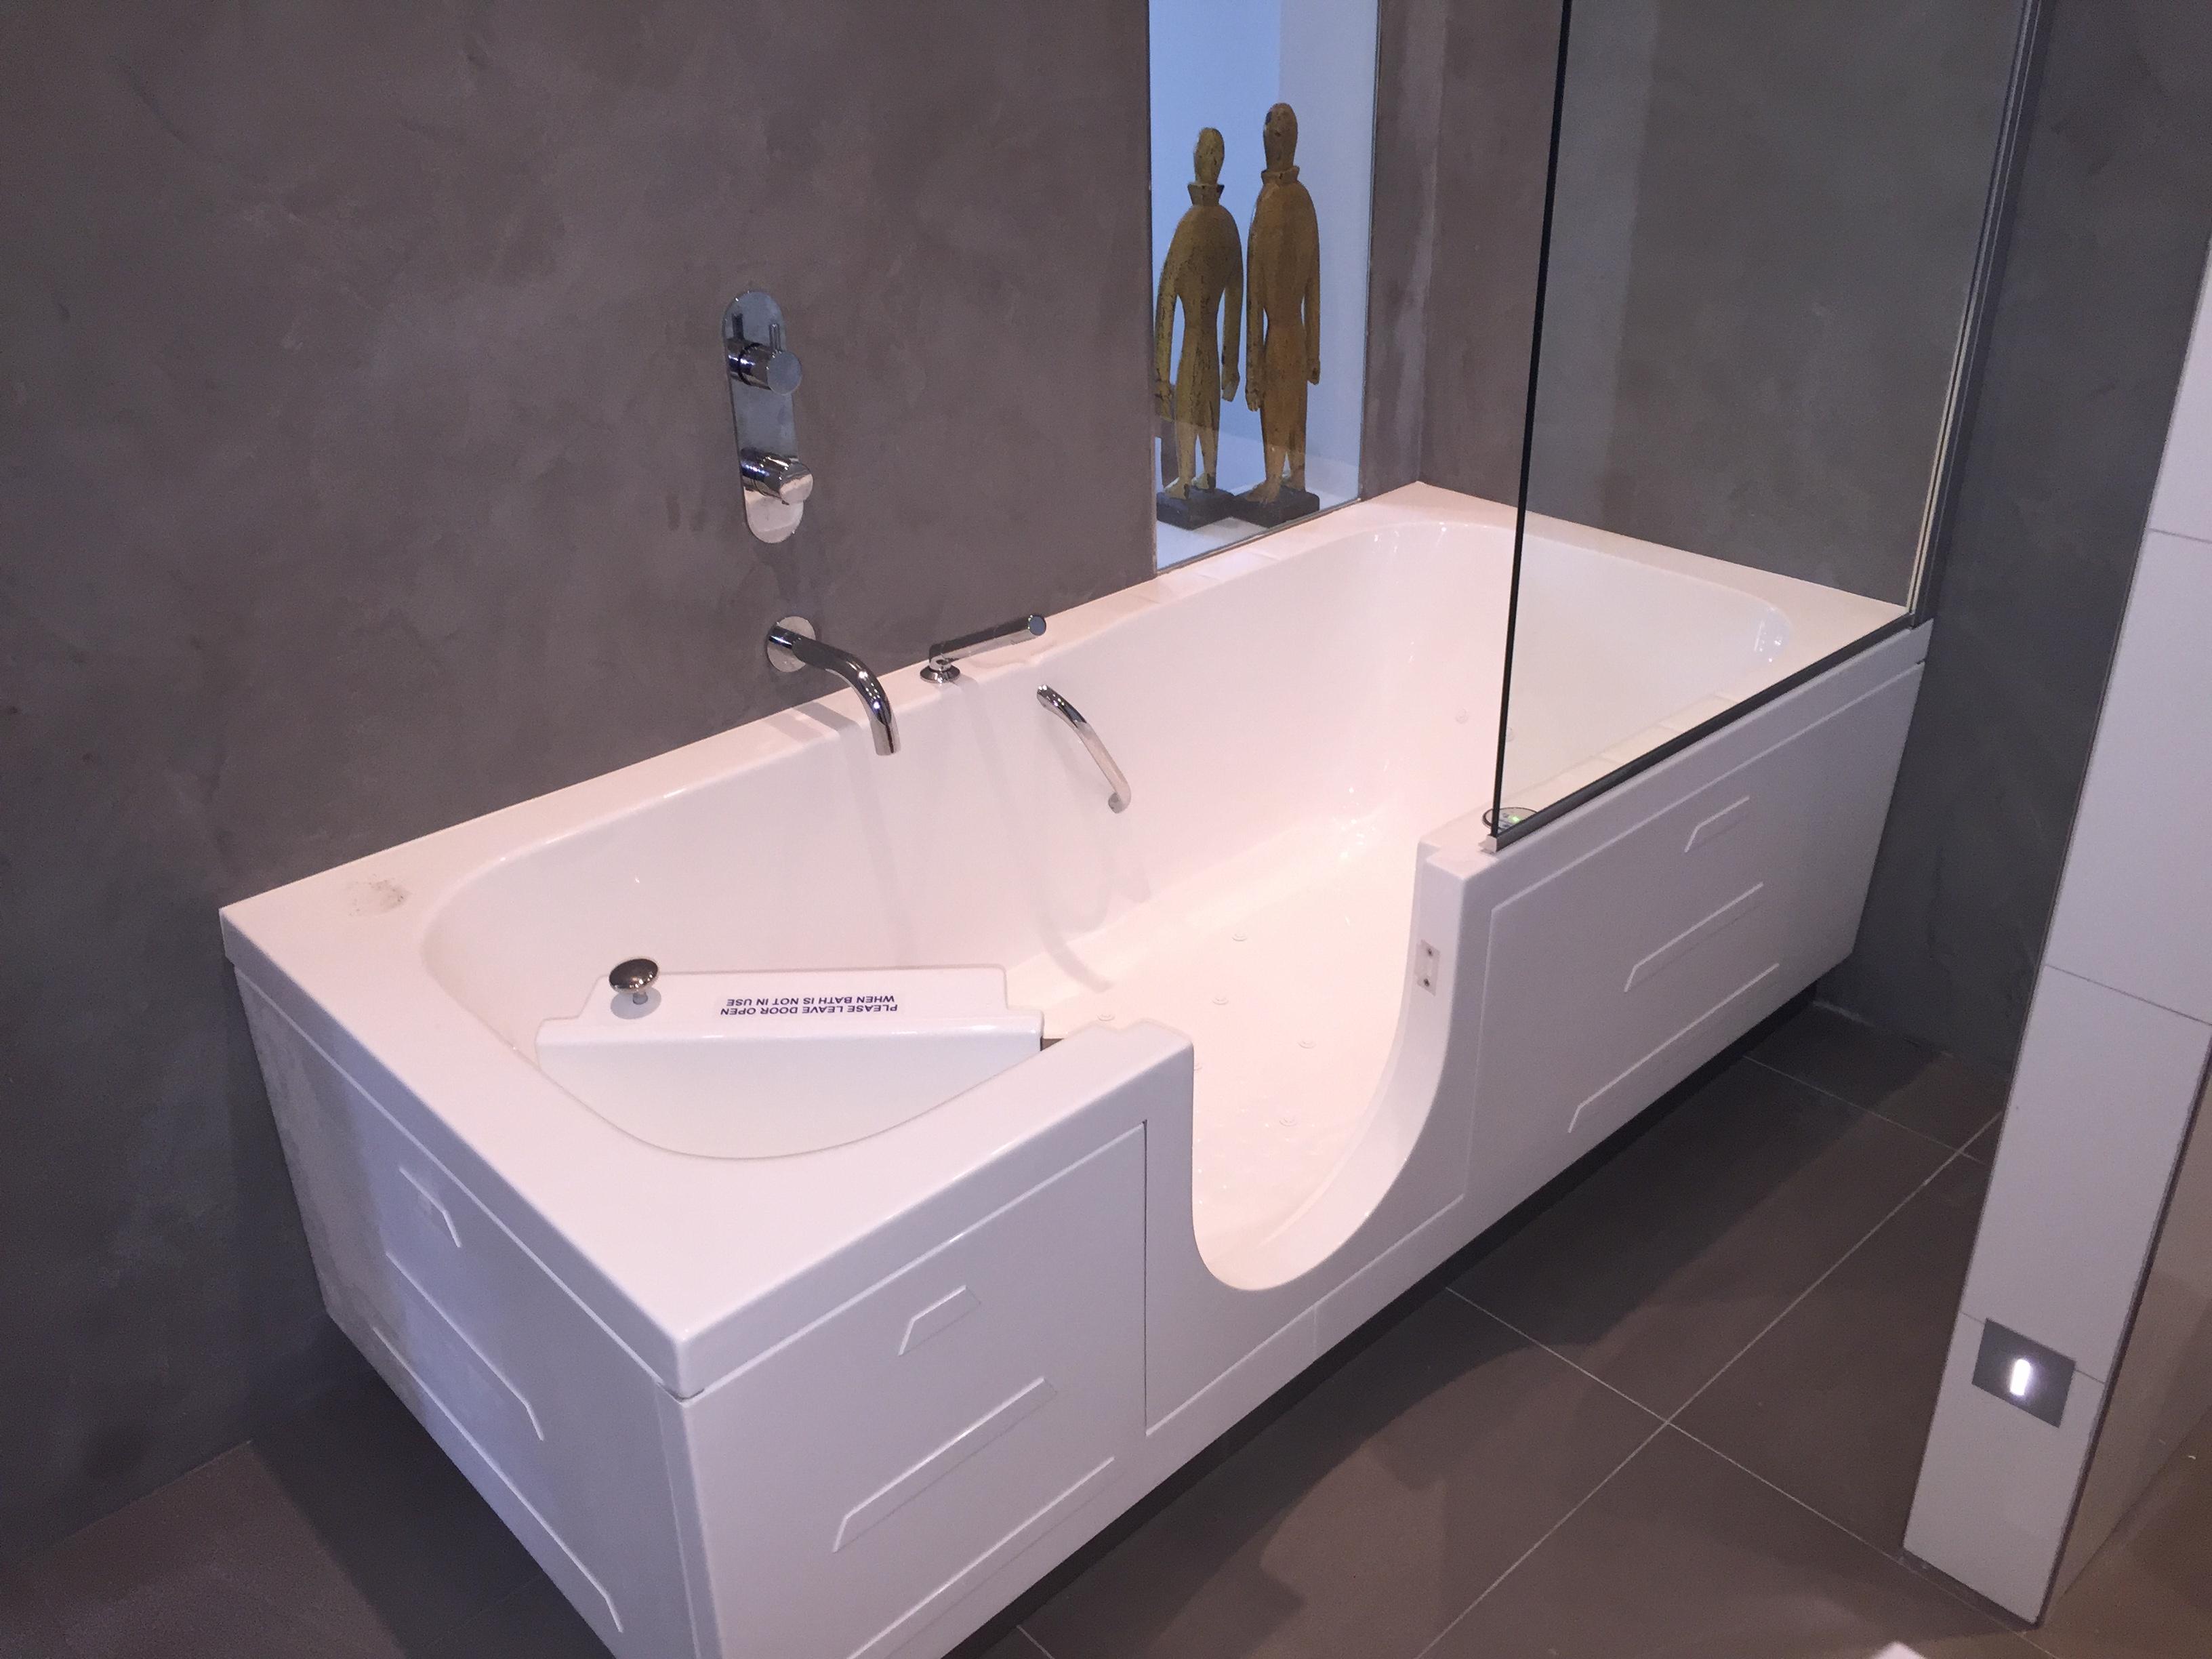 Badkamer Voor Ouderen : Veilige badkamer voor ouderen